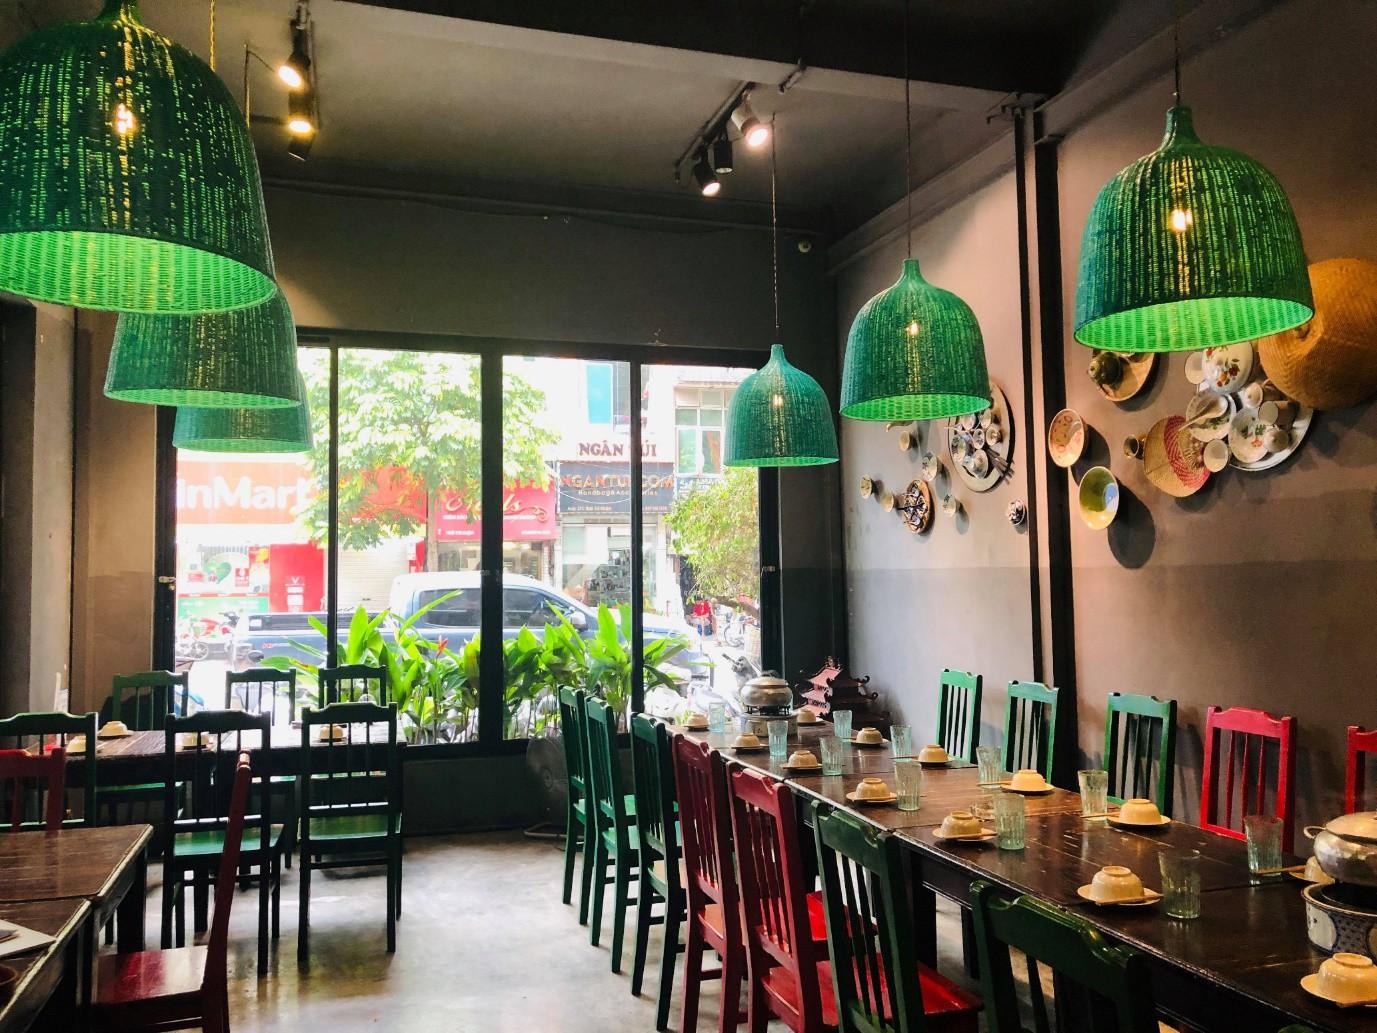 Hẻm Quán: Văn hoá ẩm thực Sài Gòn giữa lòng Hà Nội - Ảnh 4.